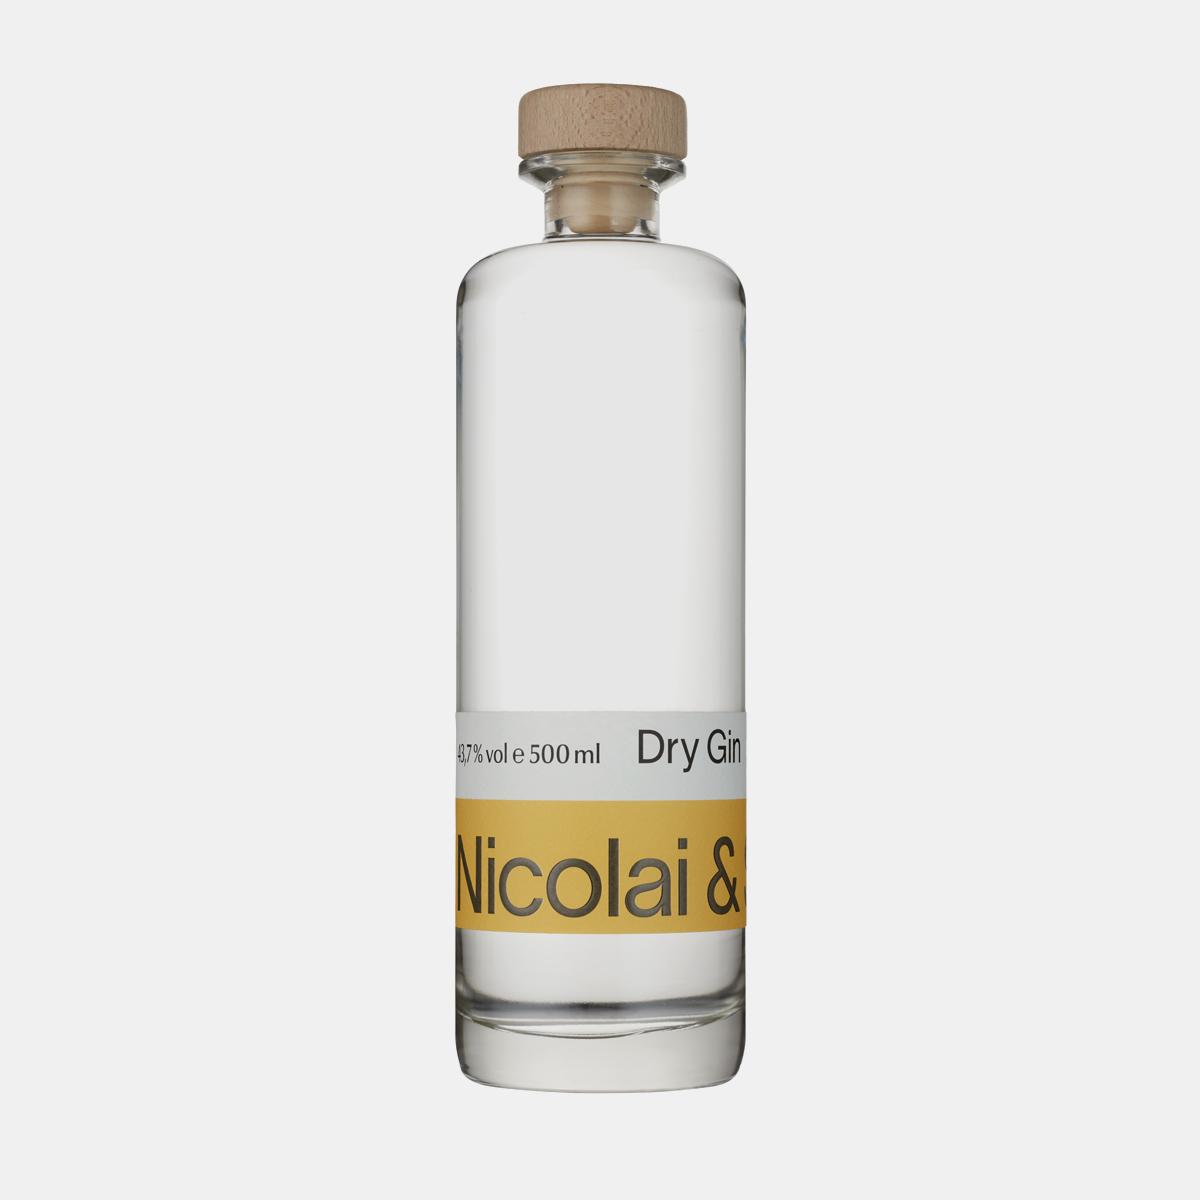 Produkt Dry Gin 500ml, Classic Edition, der Erfurter Brennerei Nicolai & Sohn